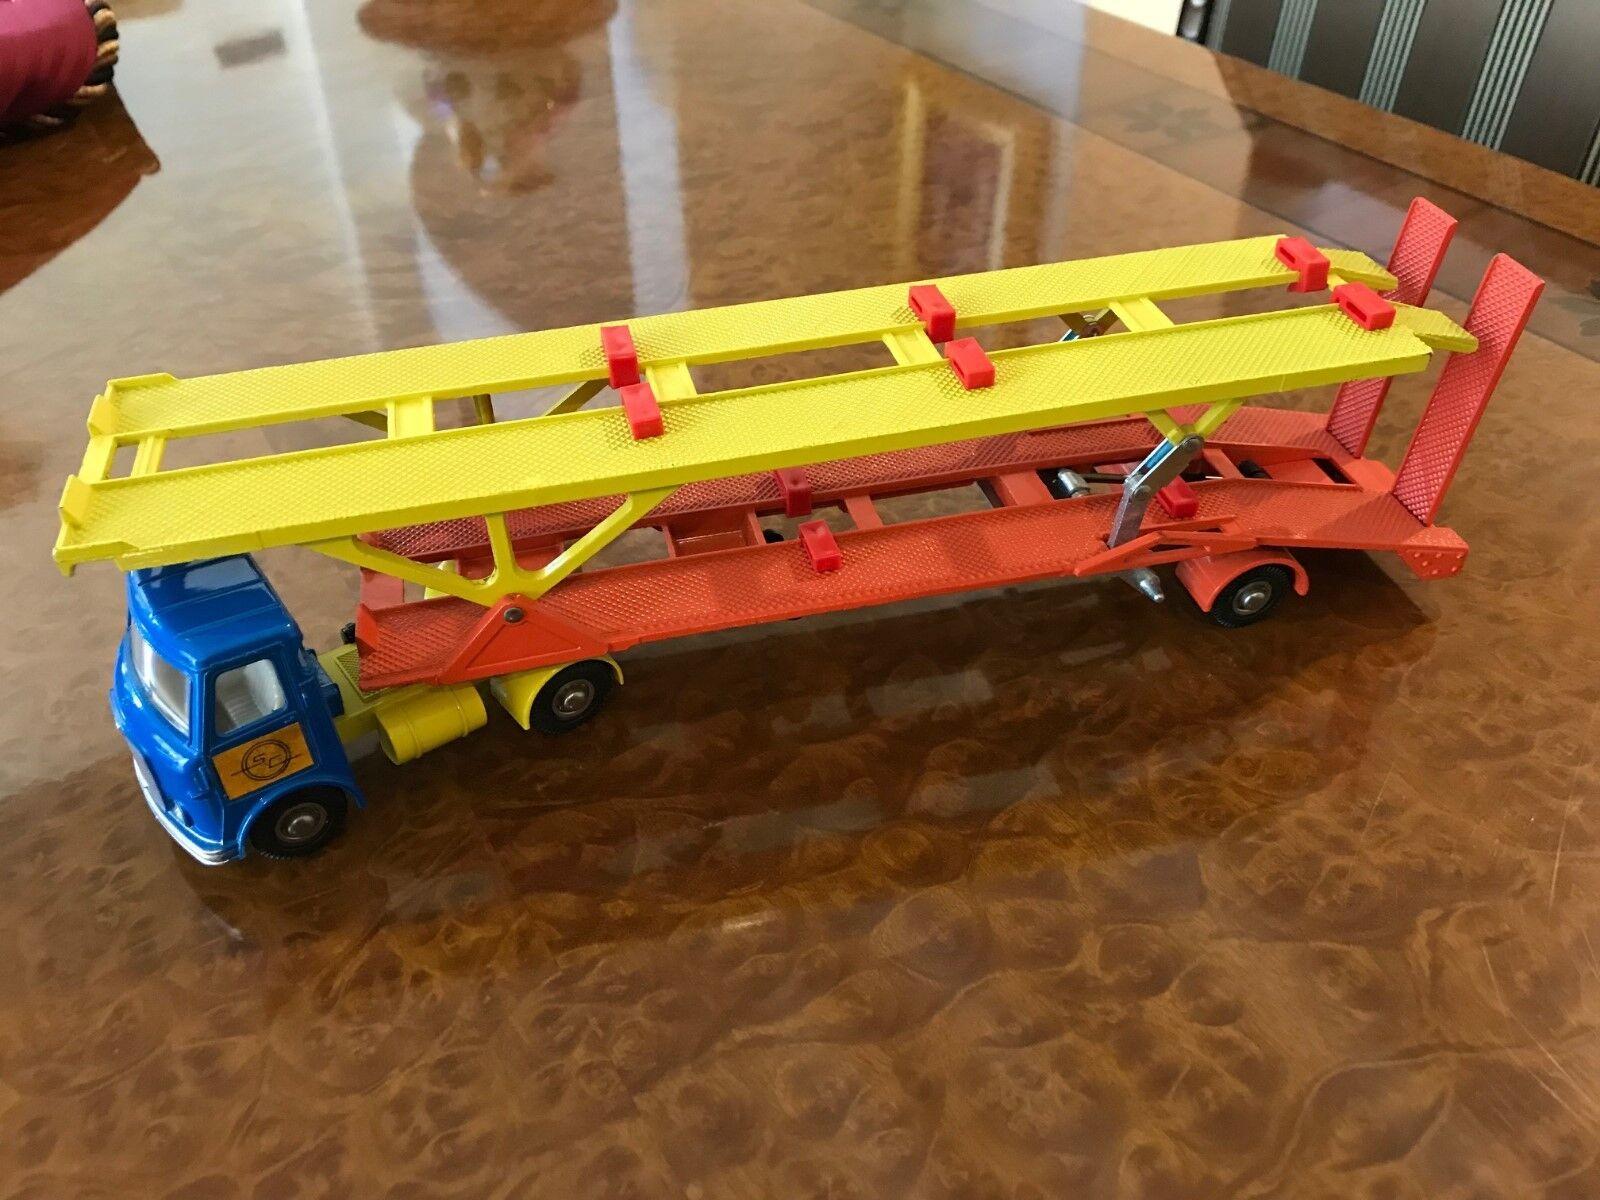 Vintage Dinky Toys SUPER MIB A.E.C. Hoynor Car Transporter No. 974